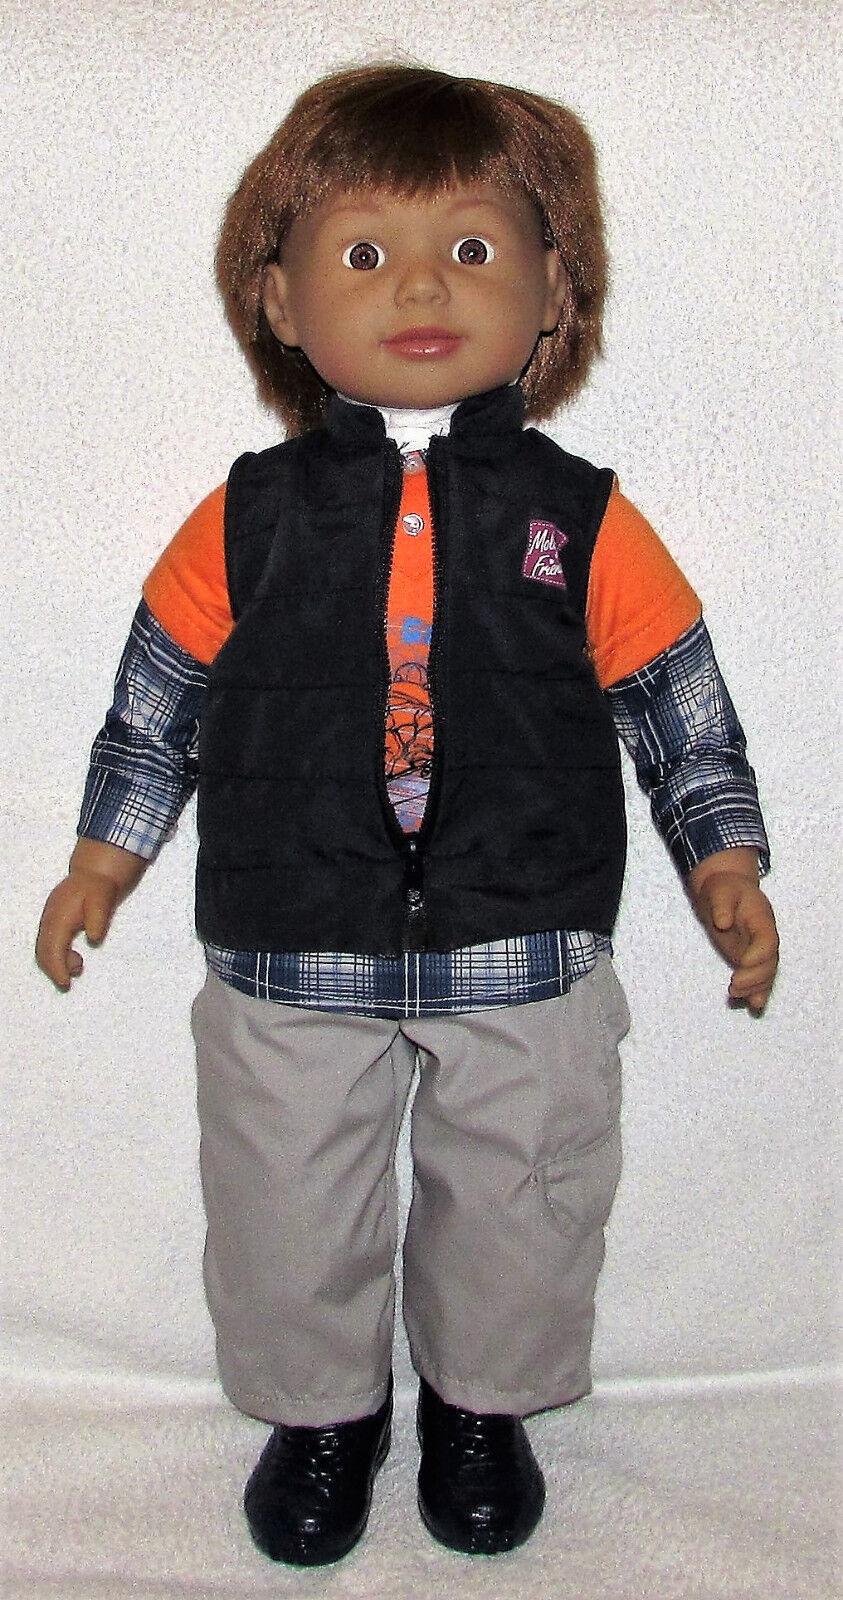 Chad Vtuttiey Molly e Friends  Ollie Boy bambola. 24 pollici di altezza e morbido corposo. NUOVO con scatola  qualità garantita